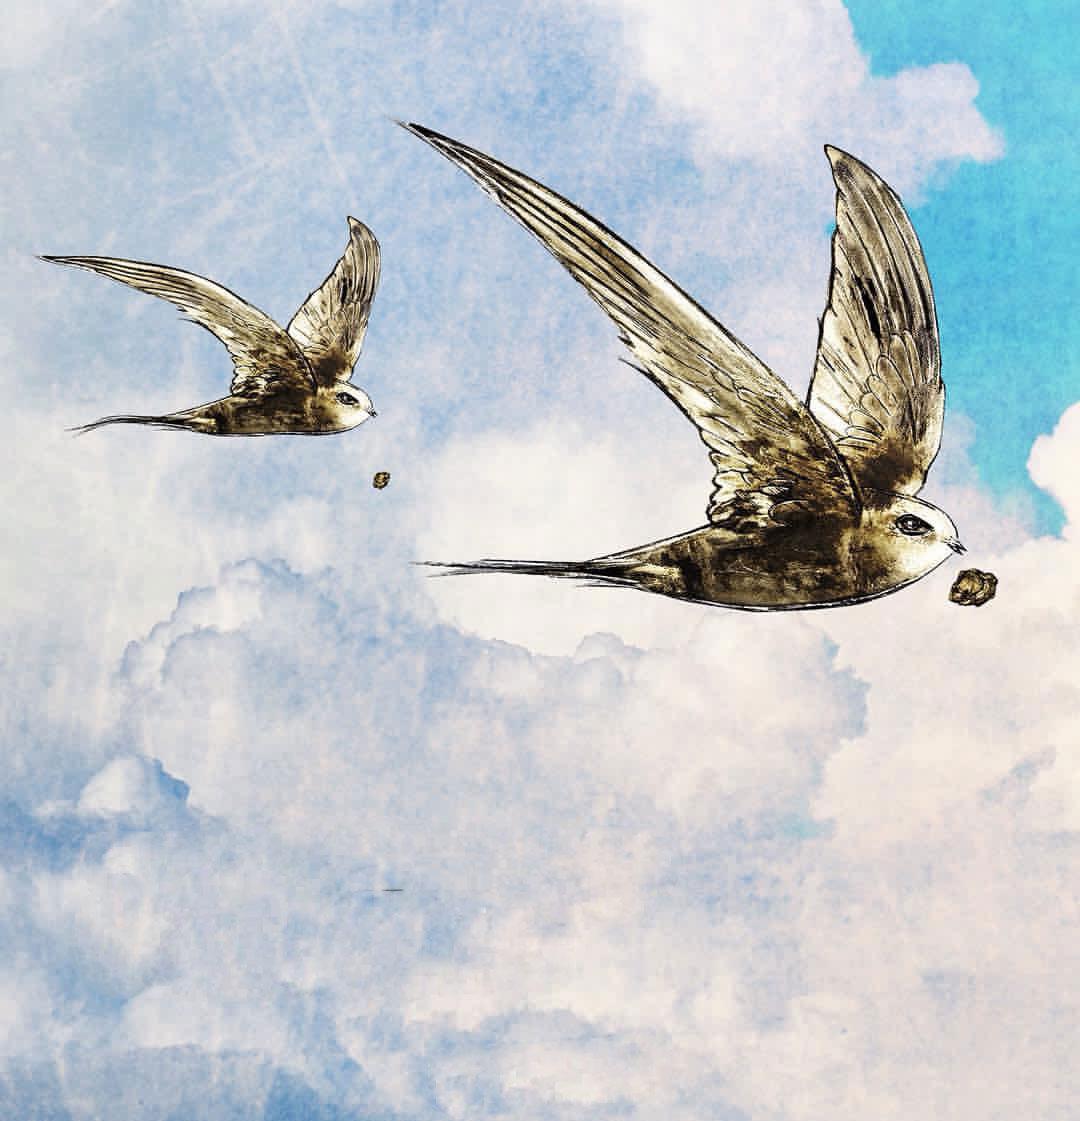 Muhammed'in bildirdiği ebabil kuşlarının taşıdığı taşlarla fil ordusunun yenilmesi mucizesi...